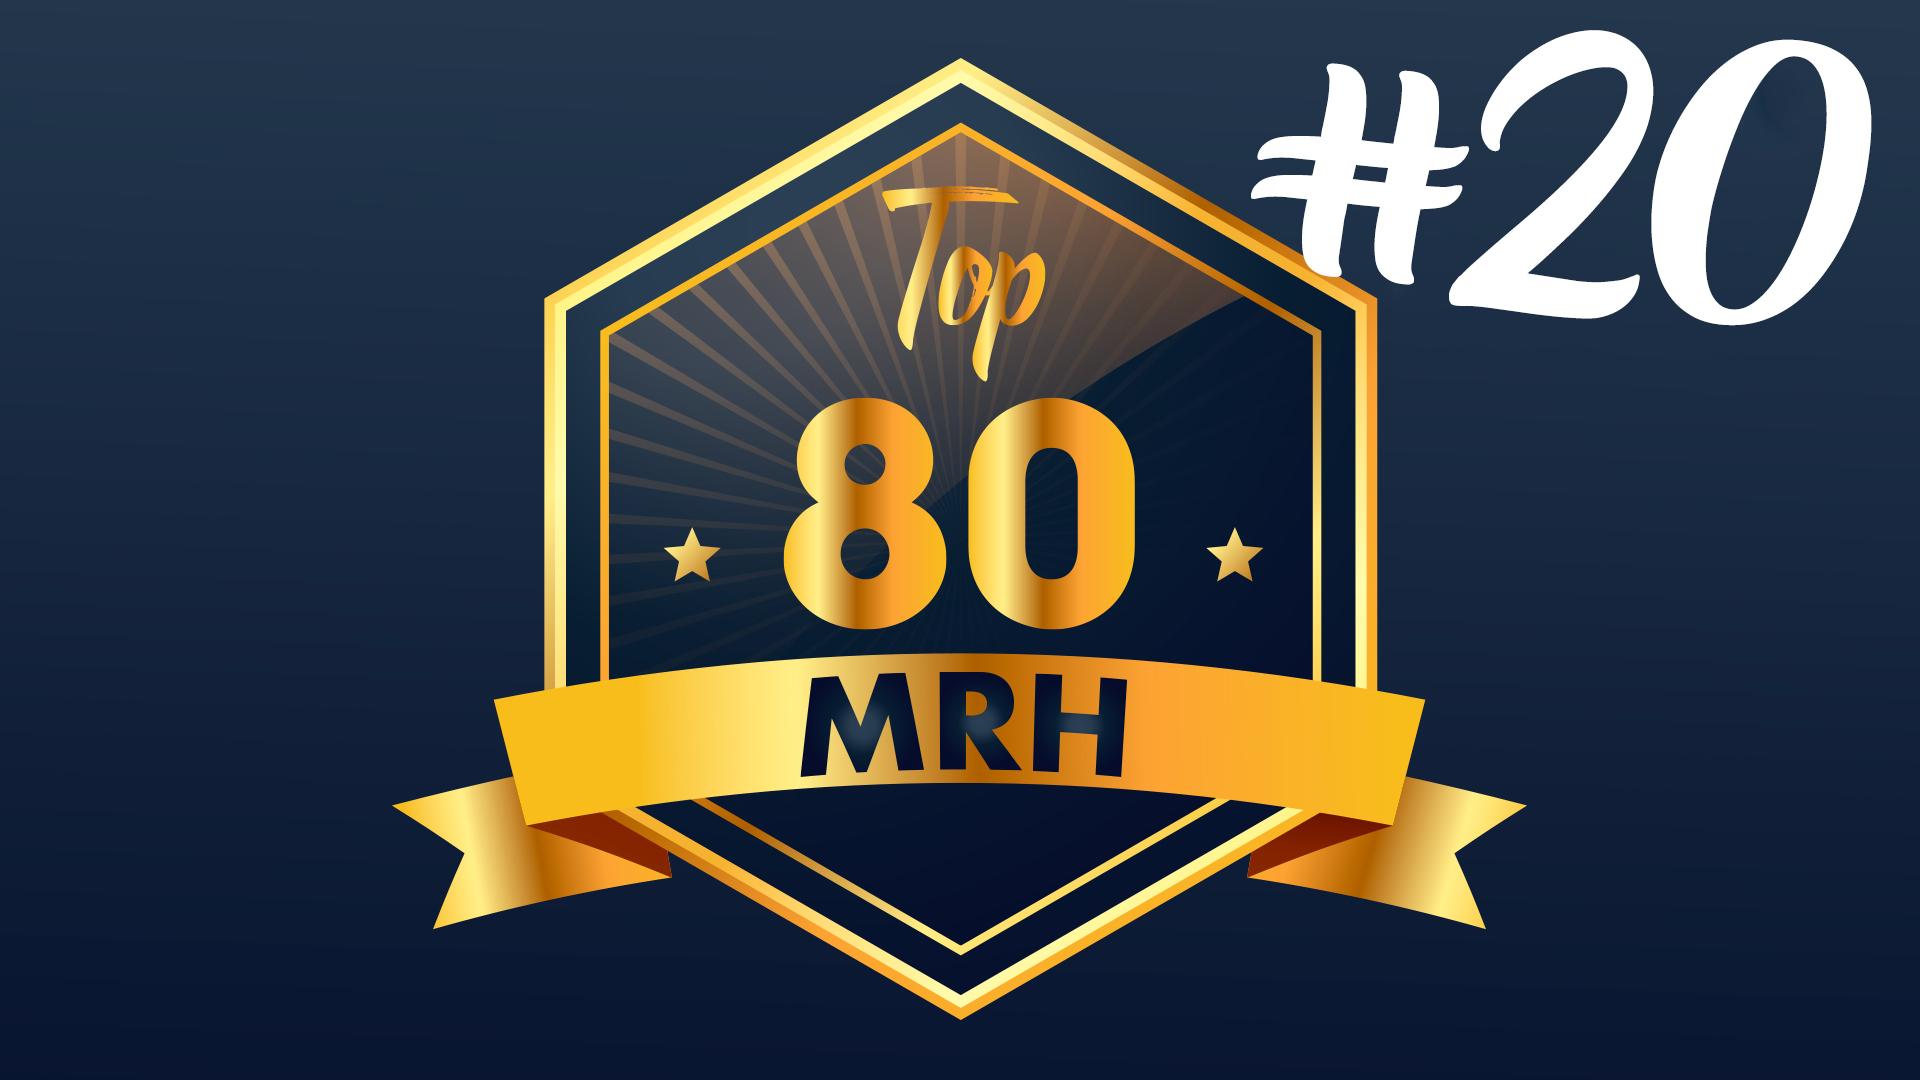 Découvrez le 20e Top 80 MRH